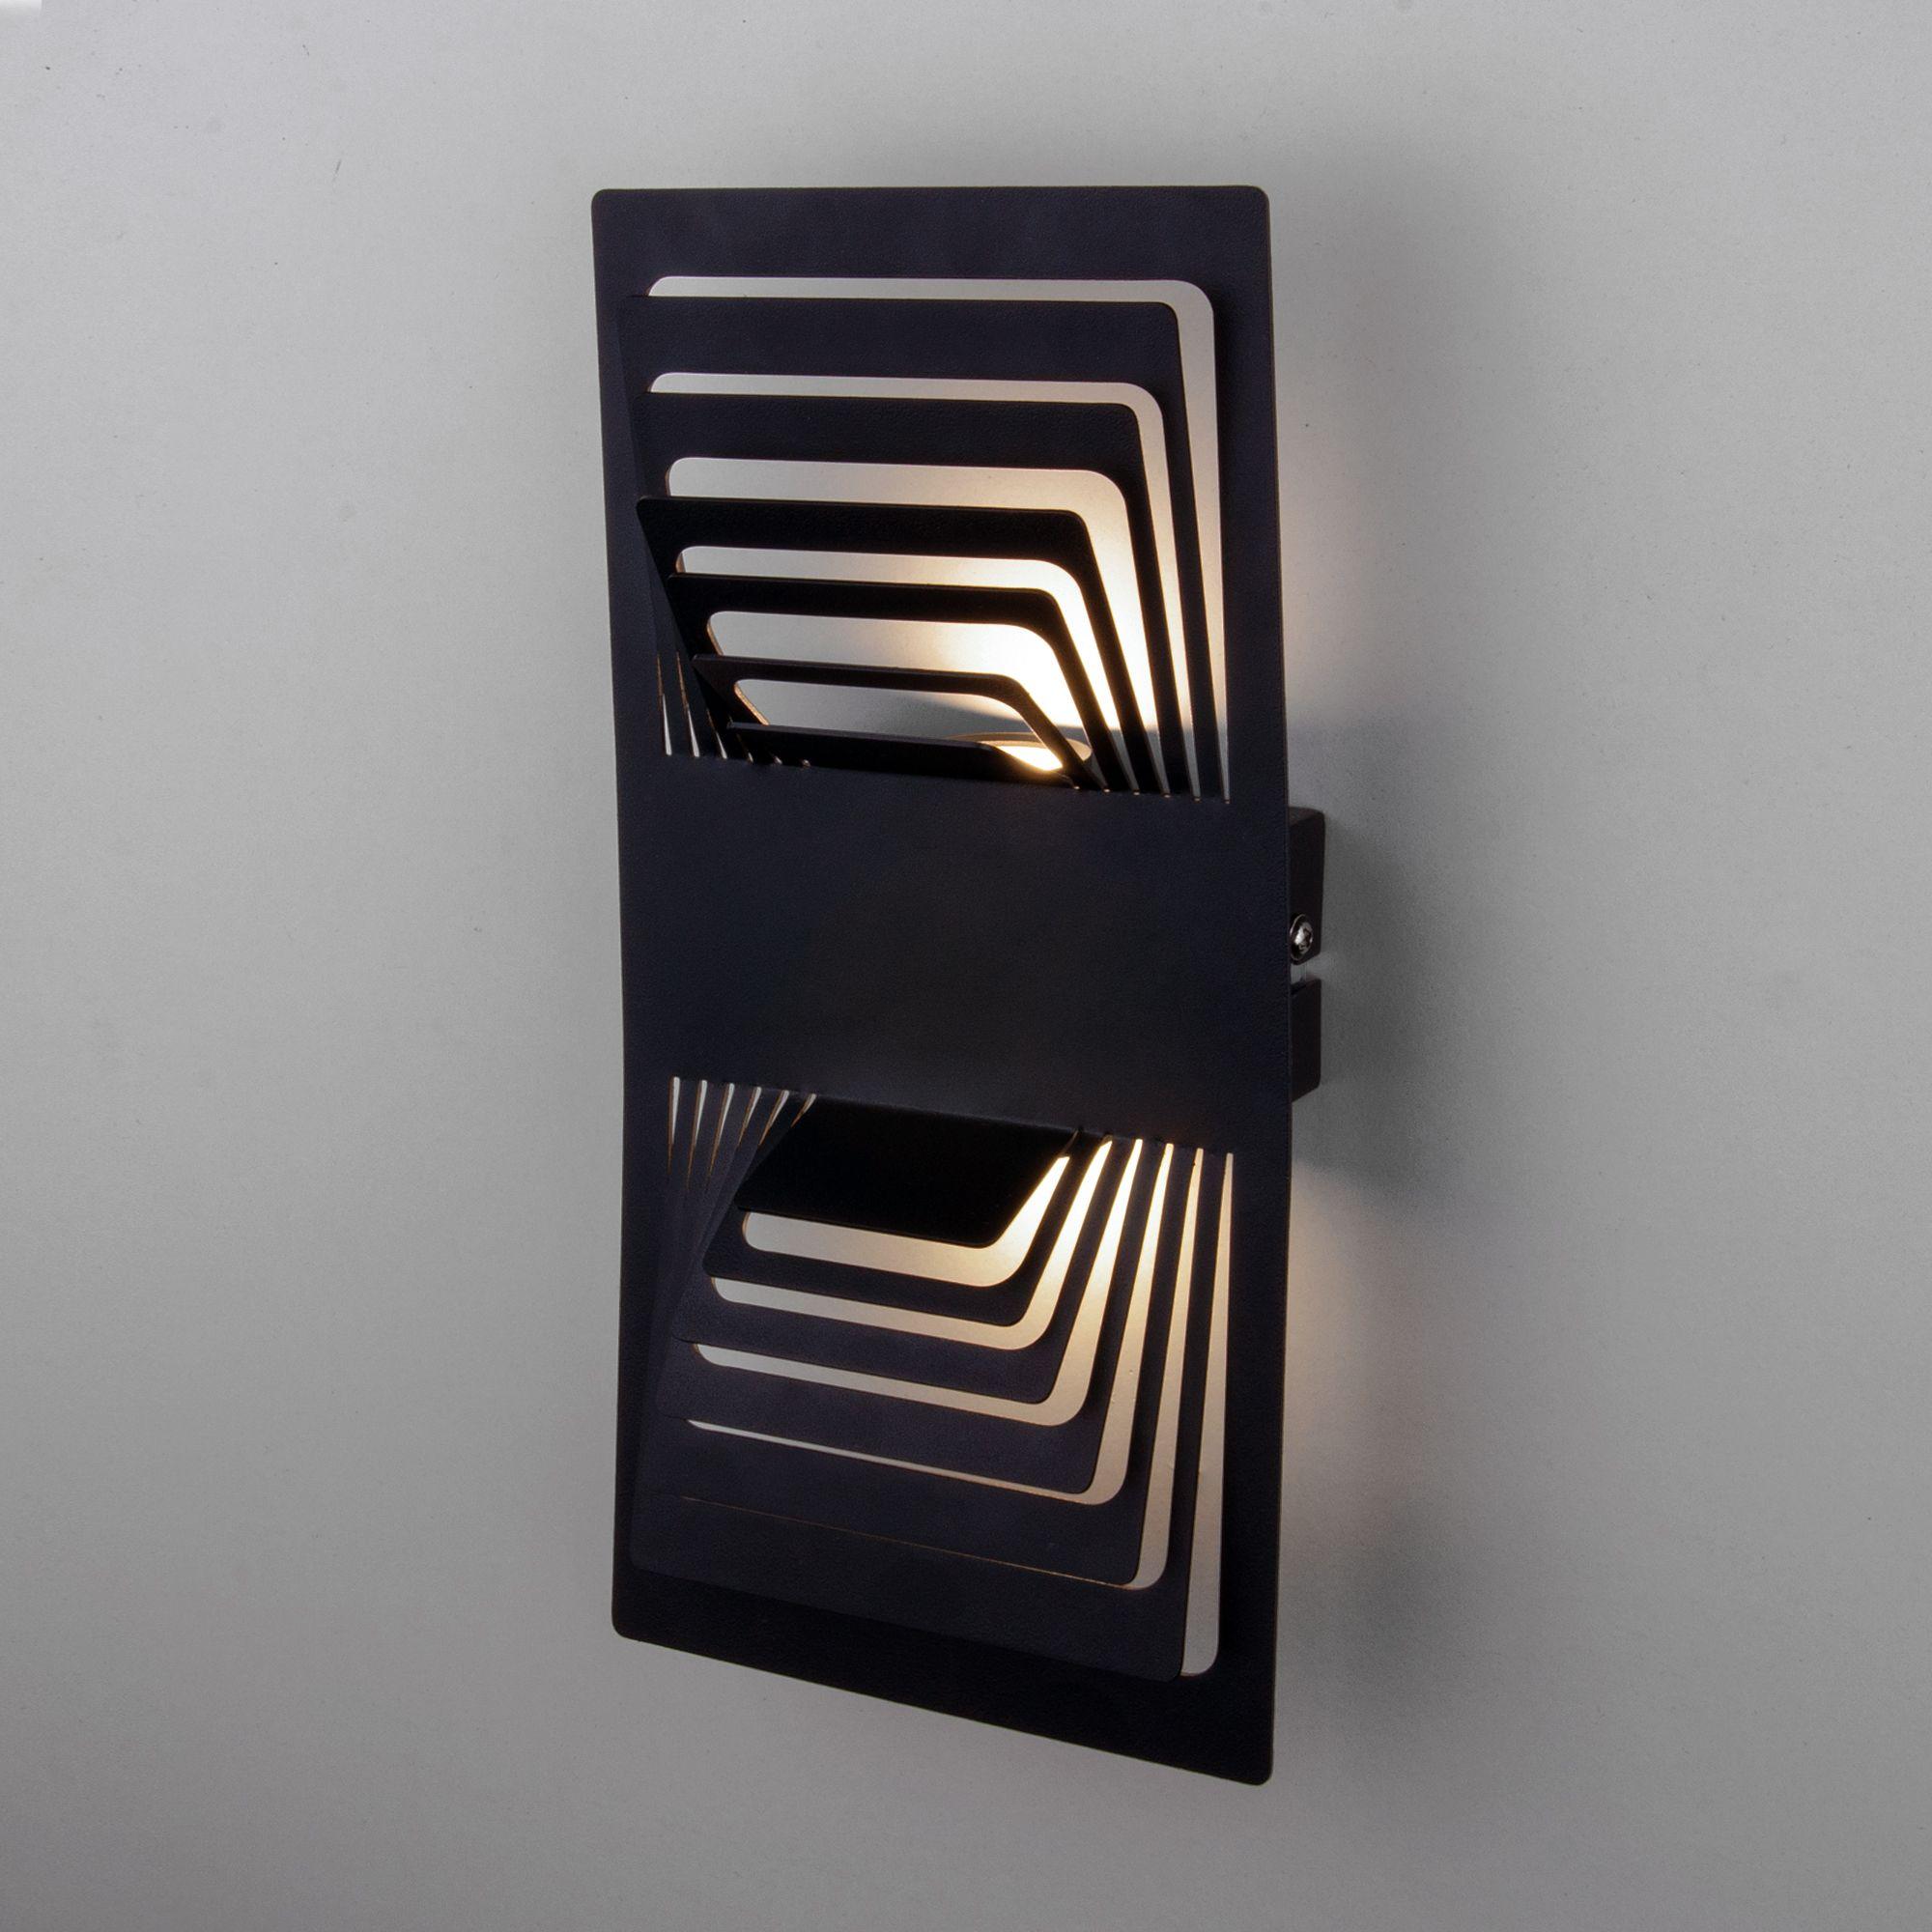 Настенный светодиодный светильник Onda LED MRL LED 1025 чёрный